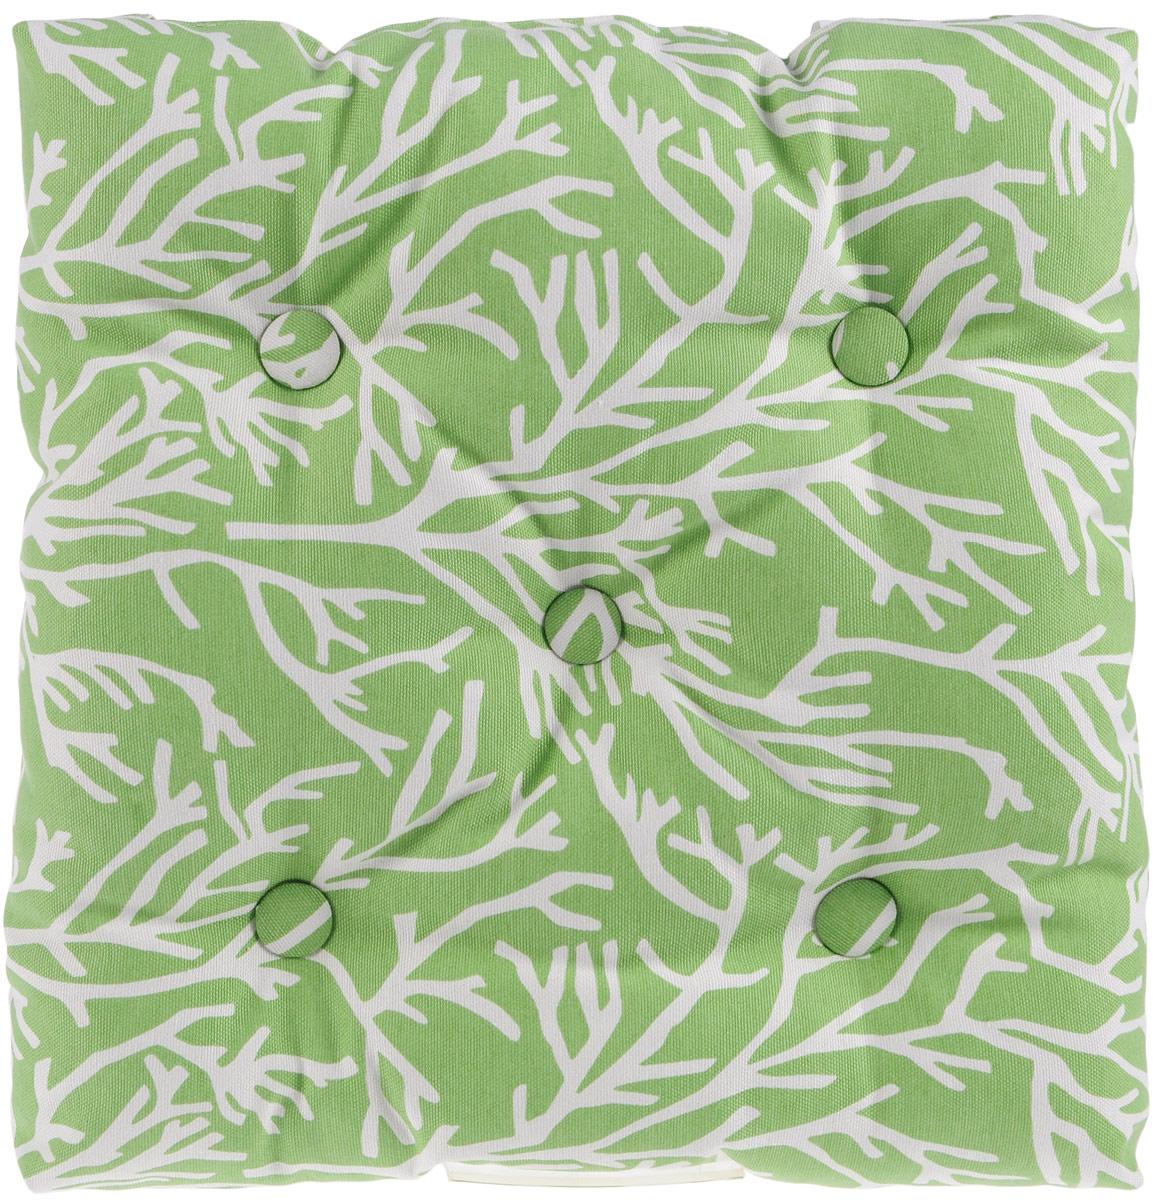 Подушка на стул KauffOrt Австралия, цвет: зеленый, 40 x 40 см3121751140Подушка на стул KauffOrt Австралия не только красиво дополнит интерьер кухни, но и обеспечит комфорт при сидении. Чехол выполнен из хлопка и полиэстера, а наполнитель из холлофайбера. Подушка легко крепится на стул с помощью завязок. Правильно сидеть - значит сохранить здоровье на долгие годы. Жесткие сидения подвергают наше здоровье опасности. Подушка с мягким наполнителем поможет предотвратить большинство нежелательных последствий сидячего образа жизни. Толщина подушки: 10 см.